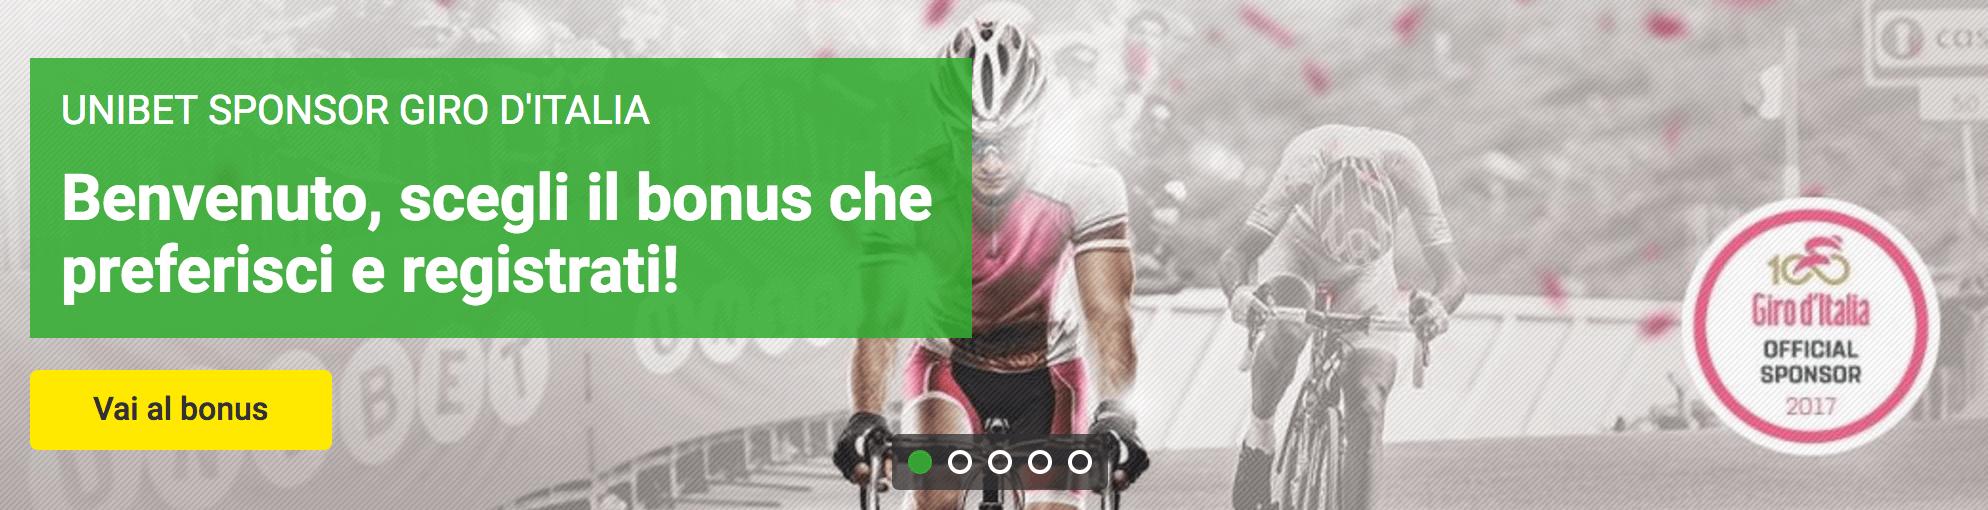 Unibet_codice_bonus_sponsor_giro_d'italia